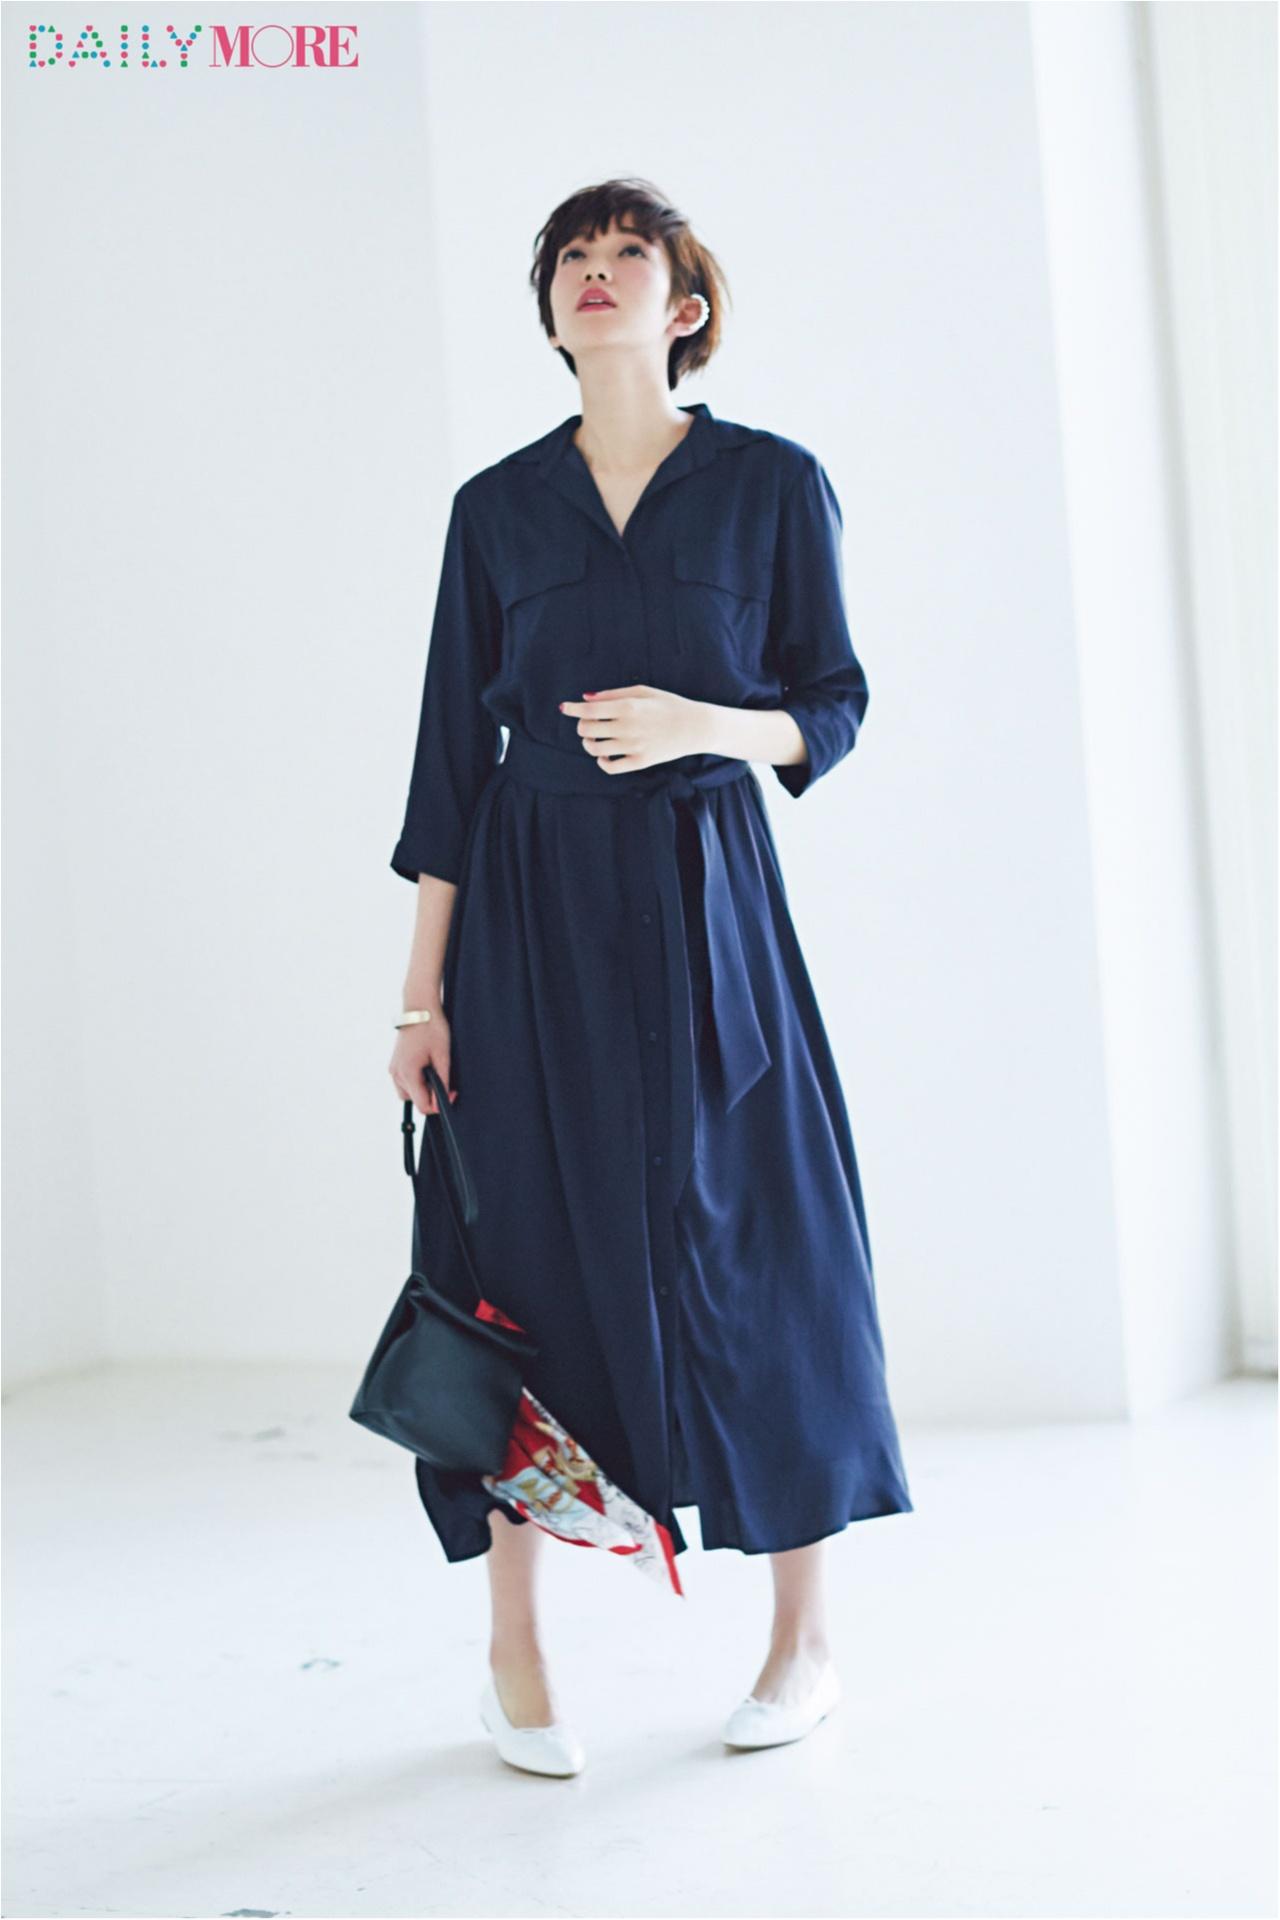 【今日のコーデ/佐藤栞里】朝から忙しい月曜日は一枚で素敵になれるシャツドレスの出番!_1